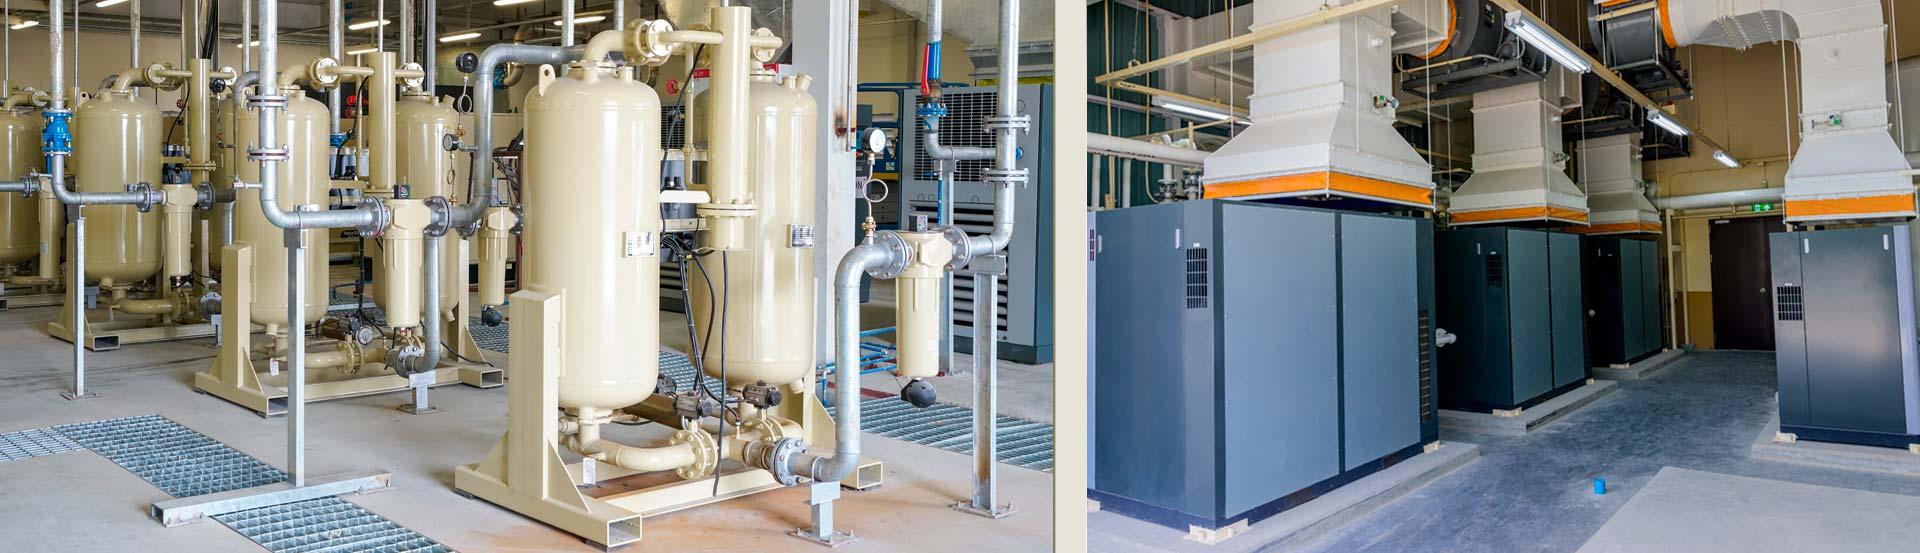 Compressores Rental Parts